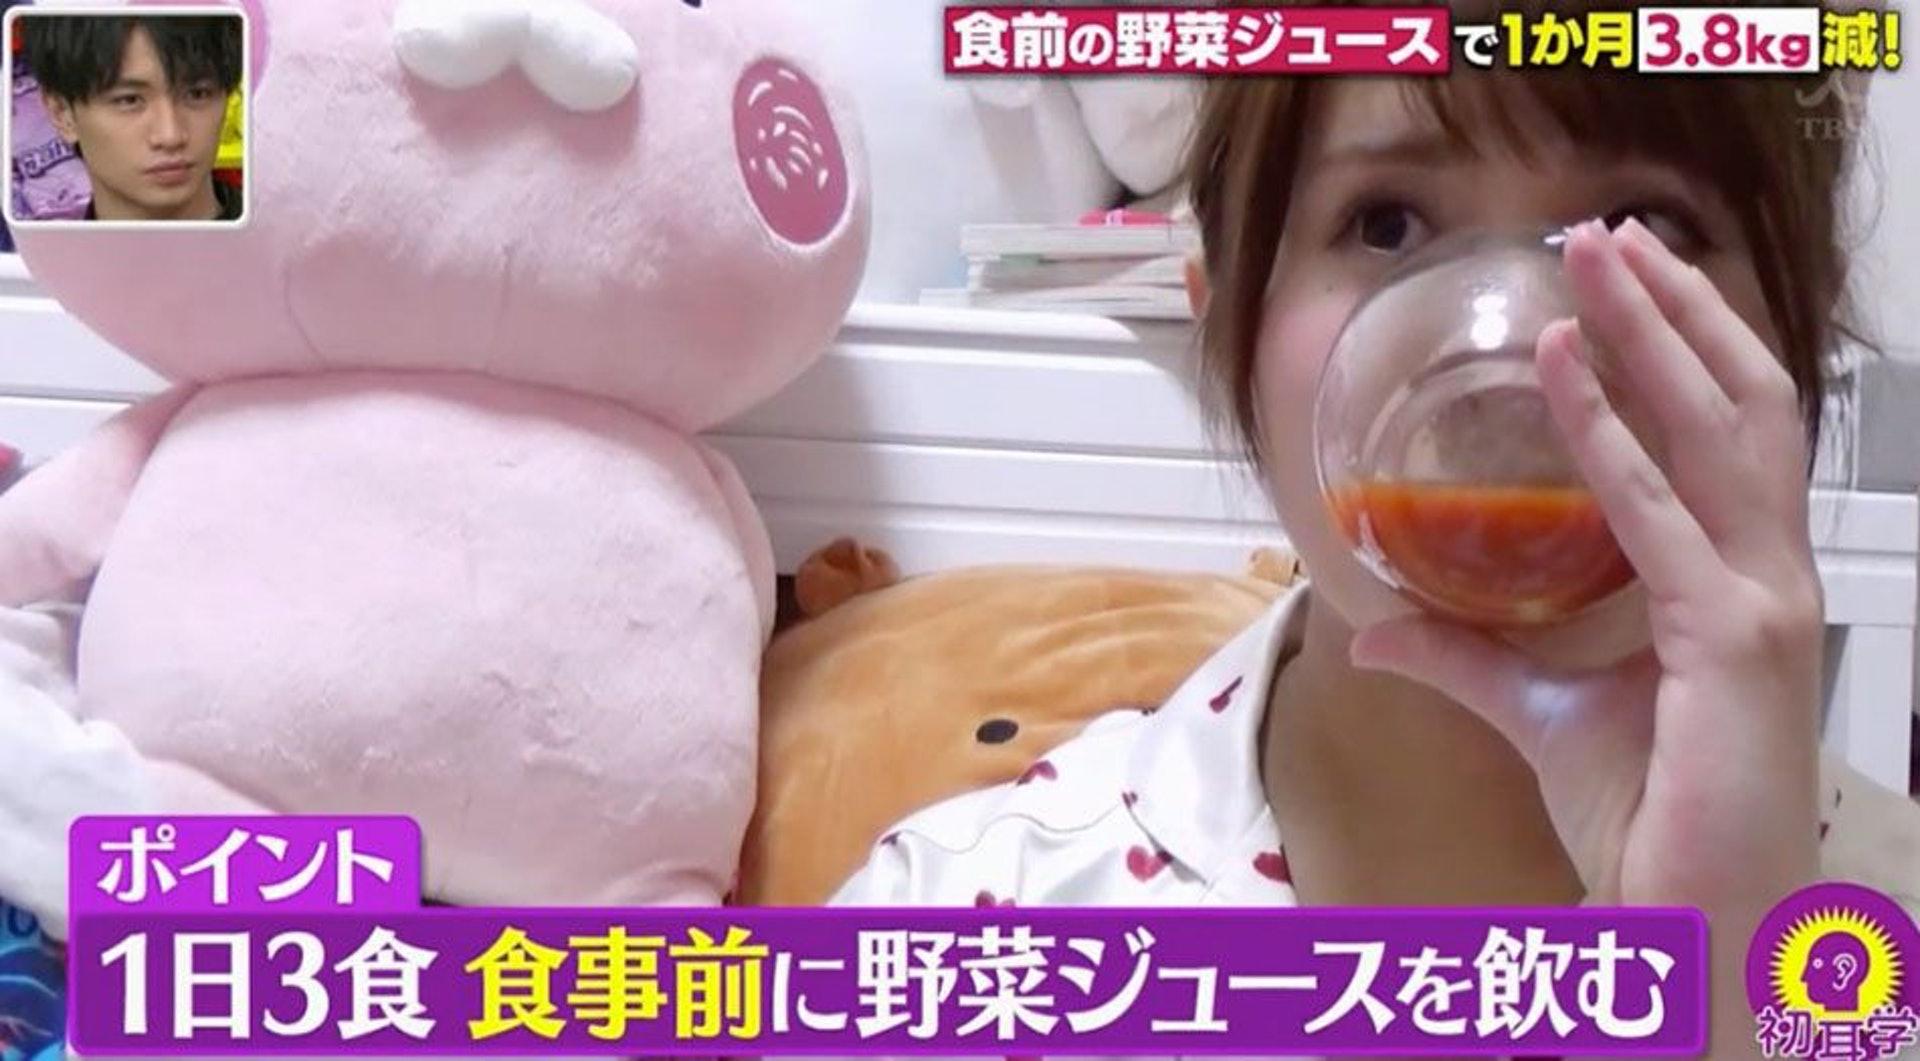 女生在沒有節食的情況下,於每餐之前飲一杯蔬菜汁,再每日如常食正餐。(日本電視台MBS節目《林先生が驚く 初耳学》截圖)